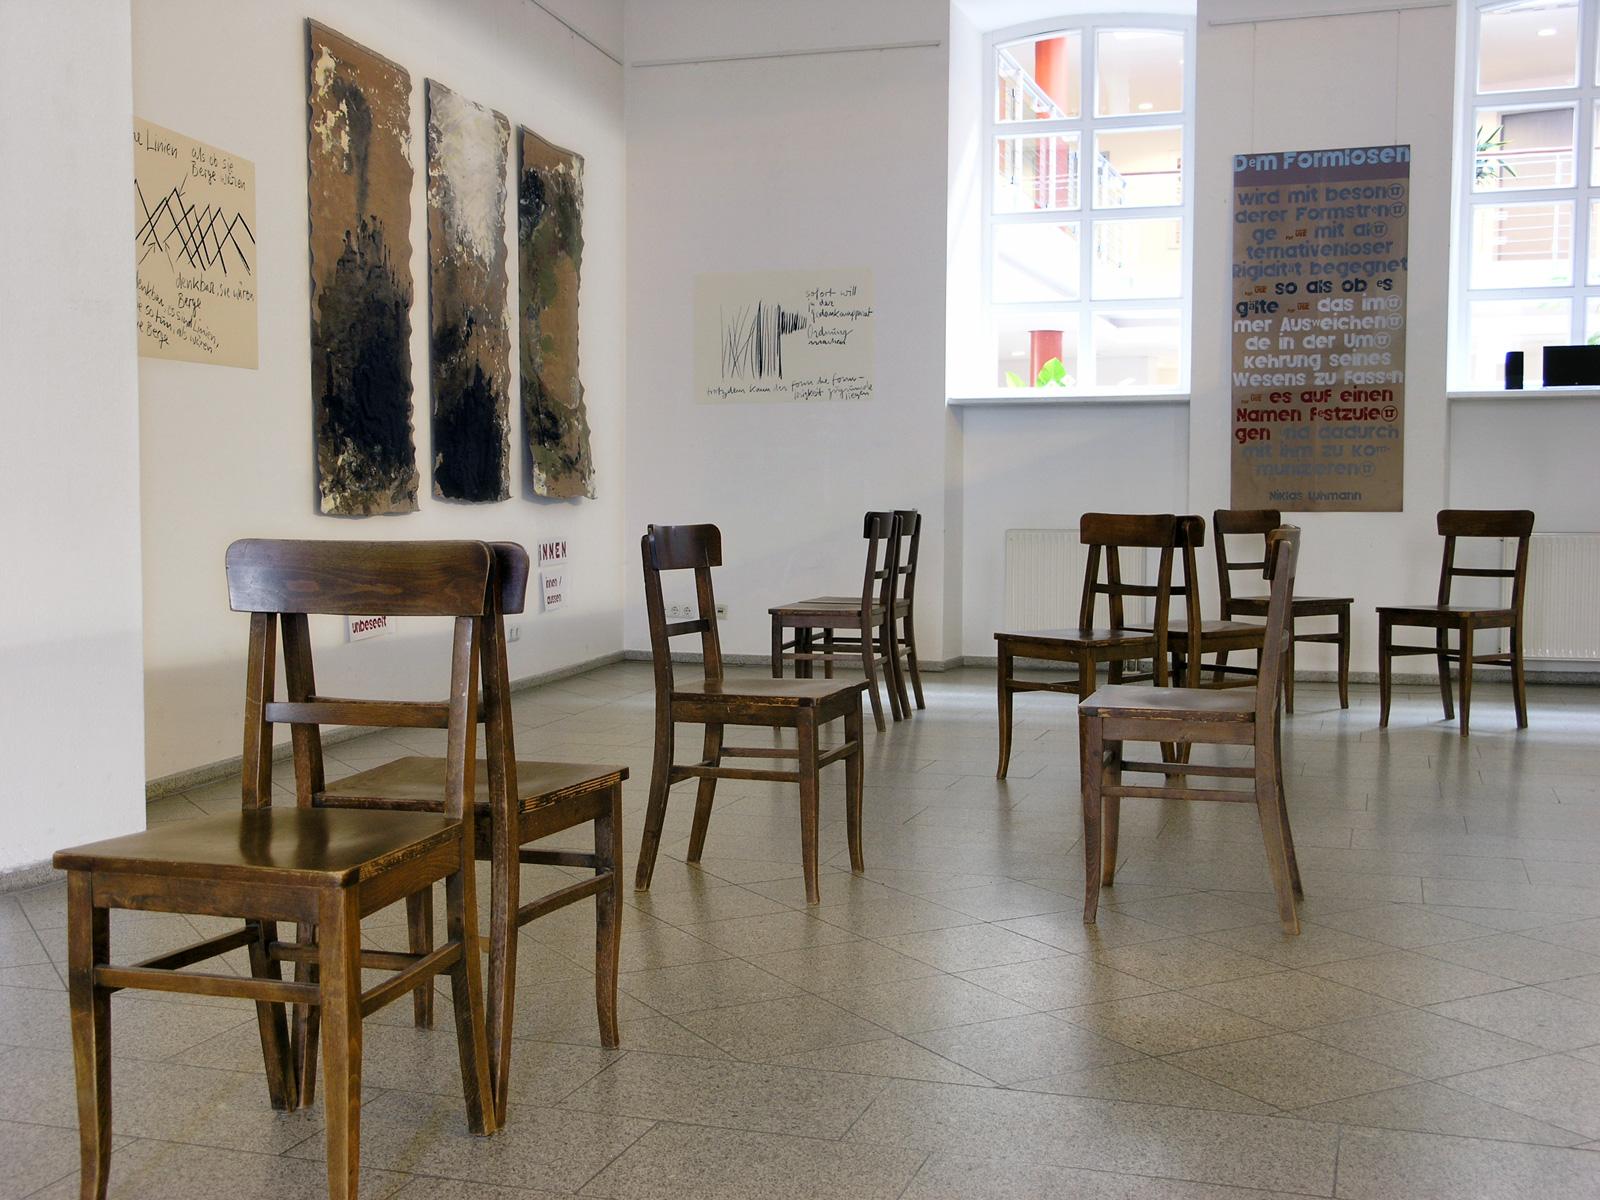 Im Dialog 2019 |  Uli Reiter mit Michael Feuchtmeir | Kunstverein Traunstein